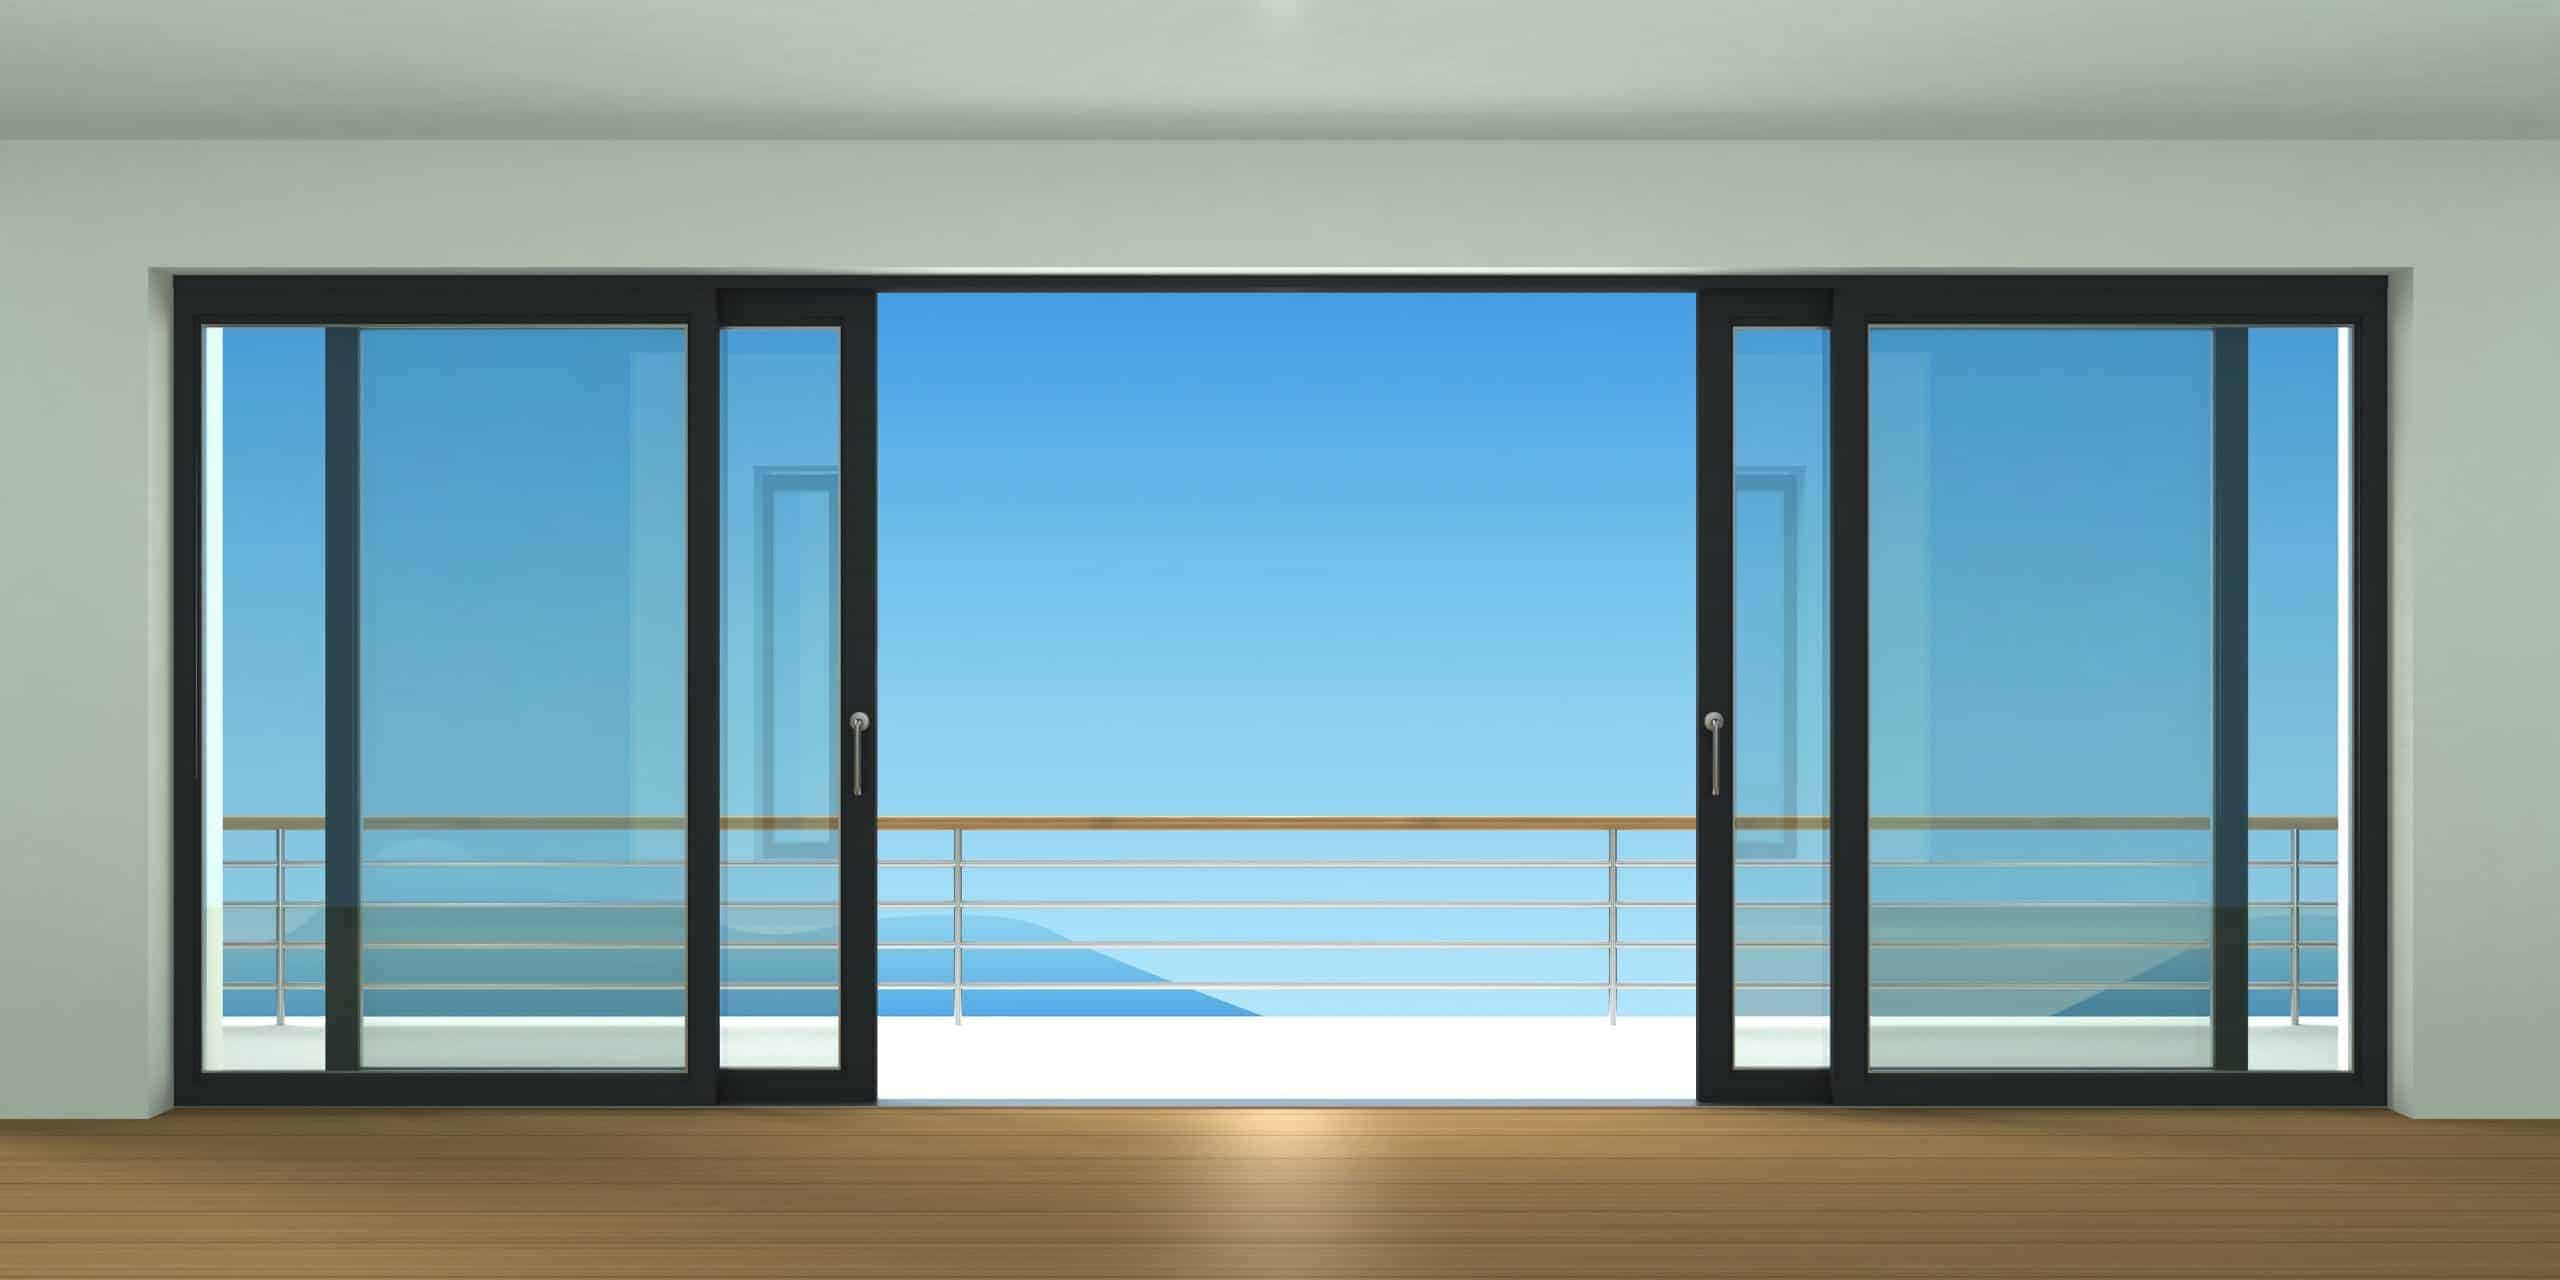 בנית בית פרטי עם נוף לים